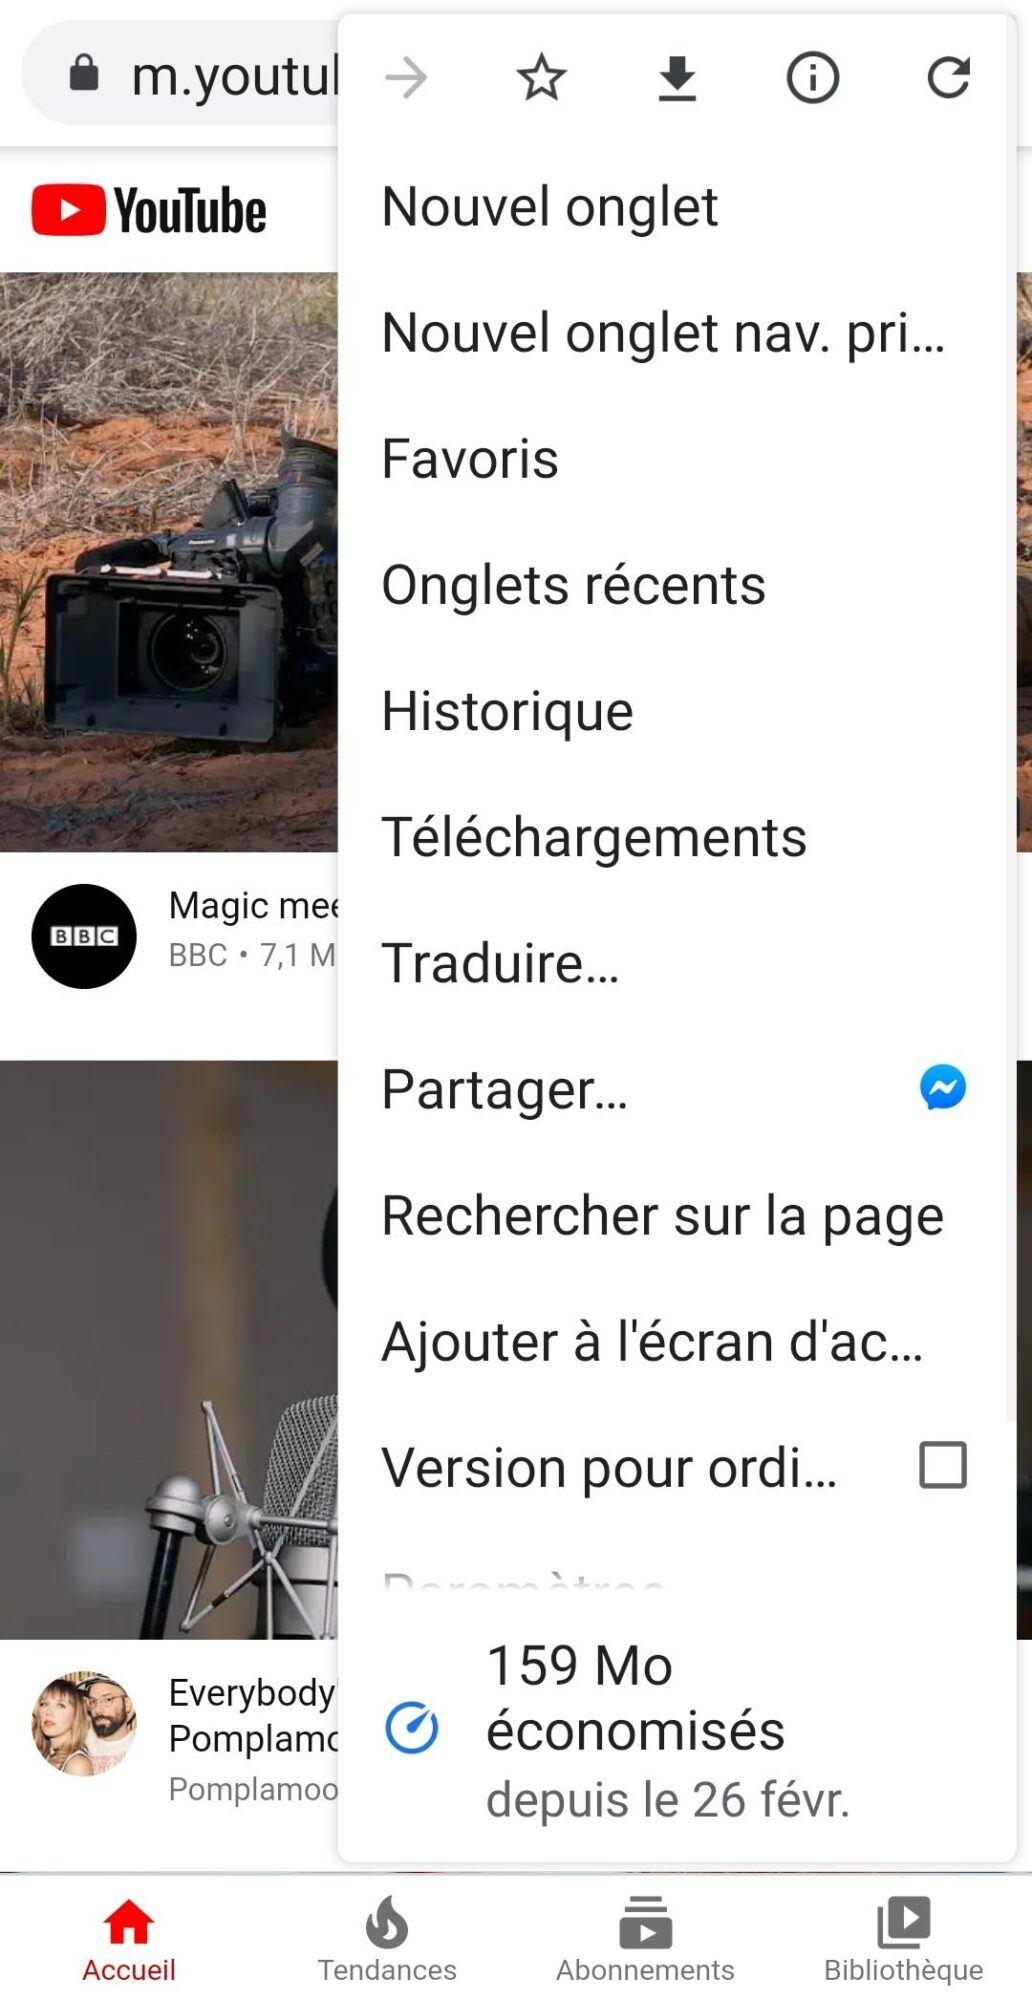 youtube, Écouter YouTube en arrière-plan sur votre smartphone Android gratuitement